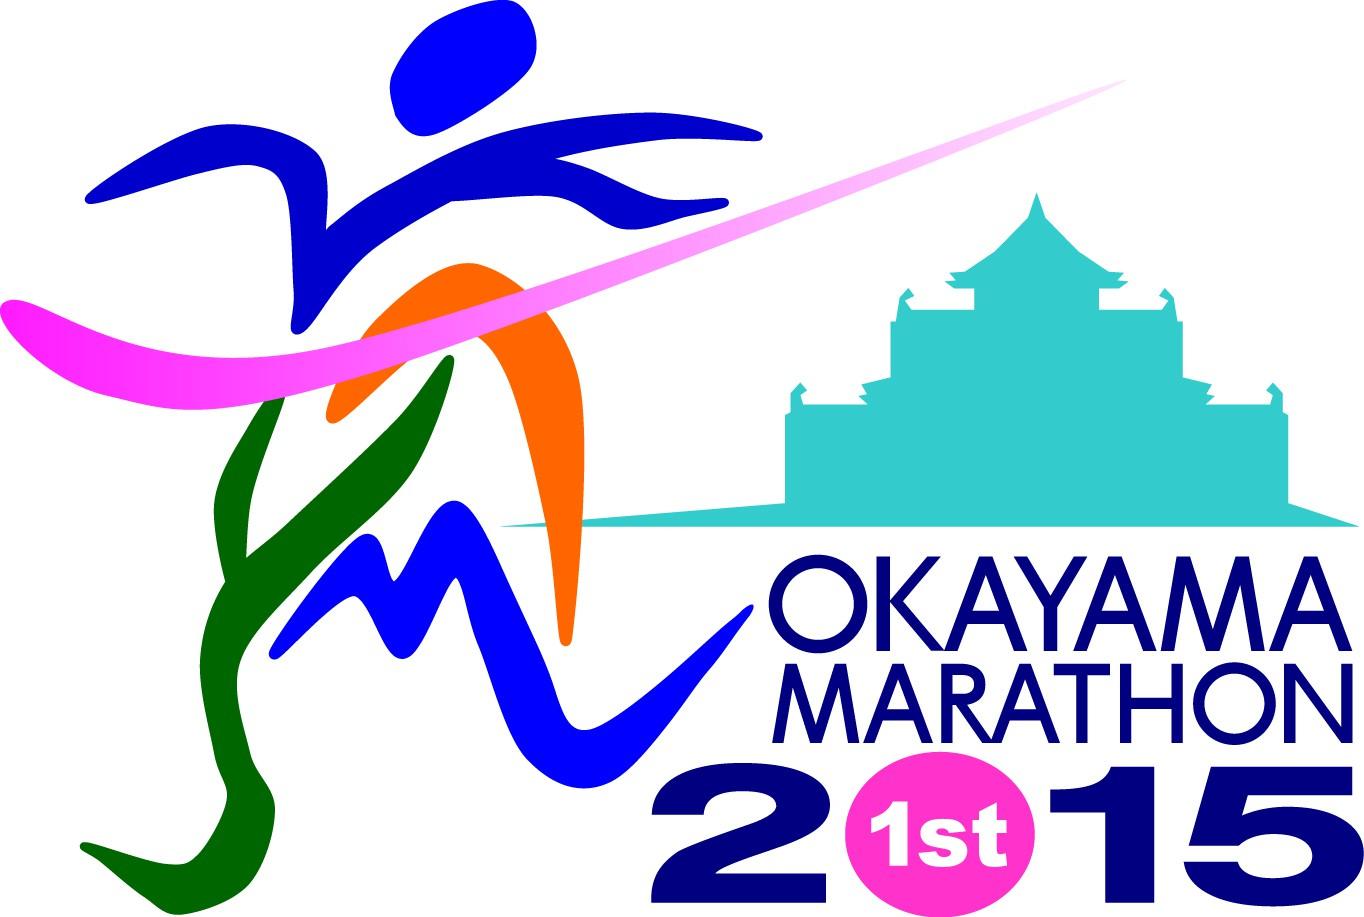 おかやまマラソン2015